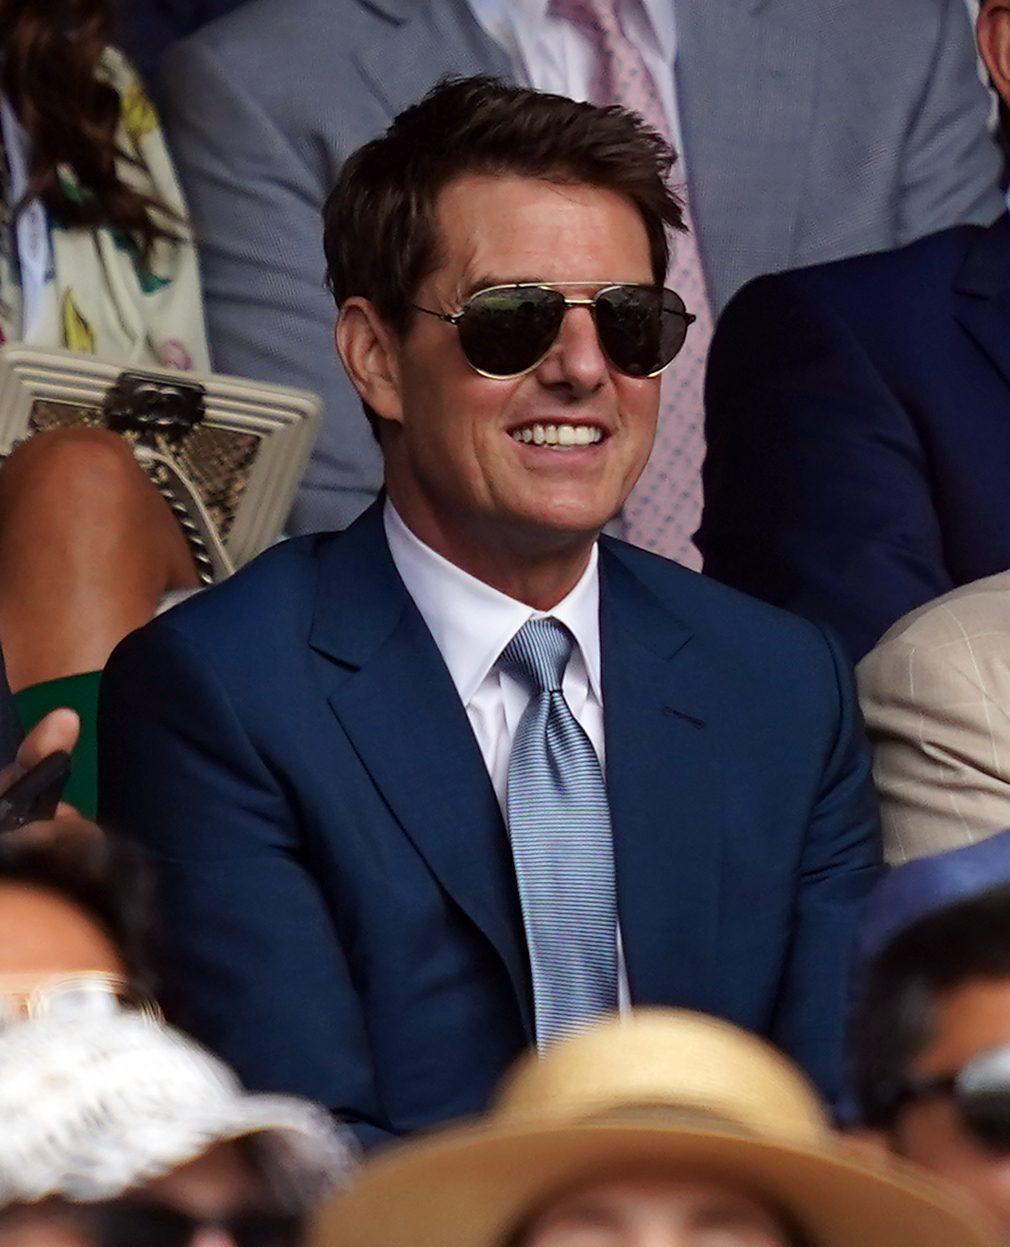 Tom Cruise at Wimbledon Royal Box